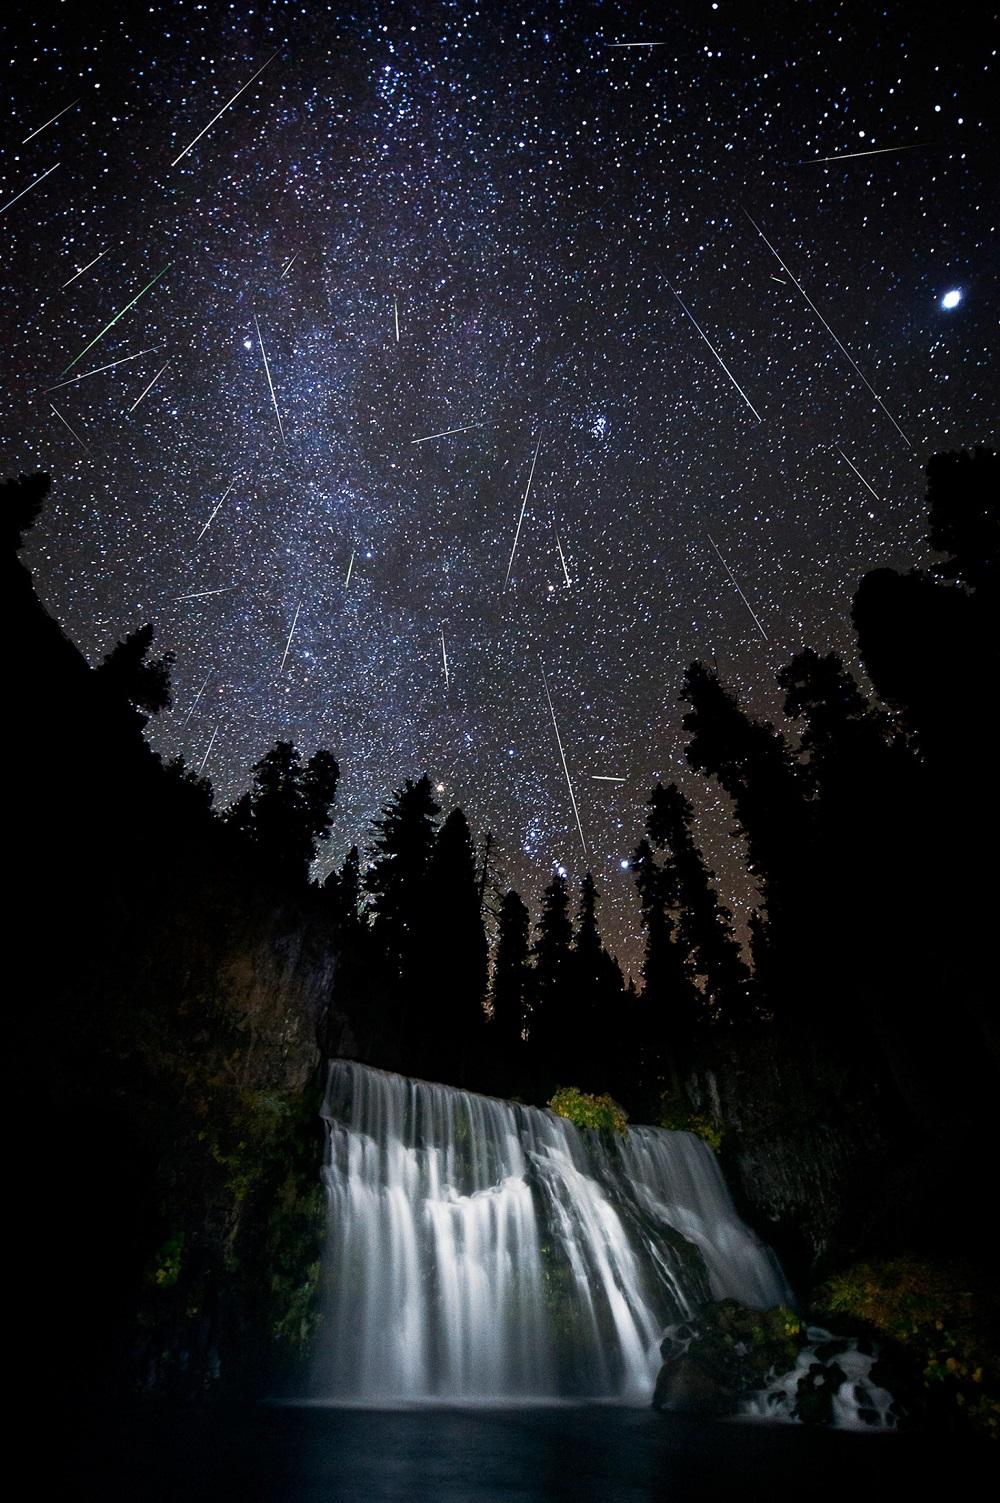 Chuva de meteoros Orionídeos sobre Middle Falls, fora da cidade de McCloud, Califórnia, perto de Mount Shasta, em 2011 - por Brad Goldpaint.